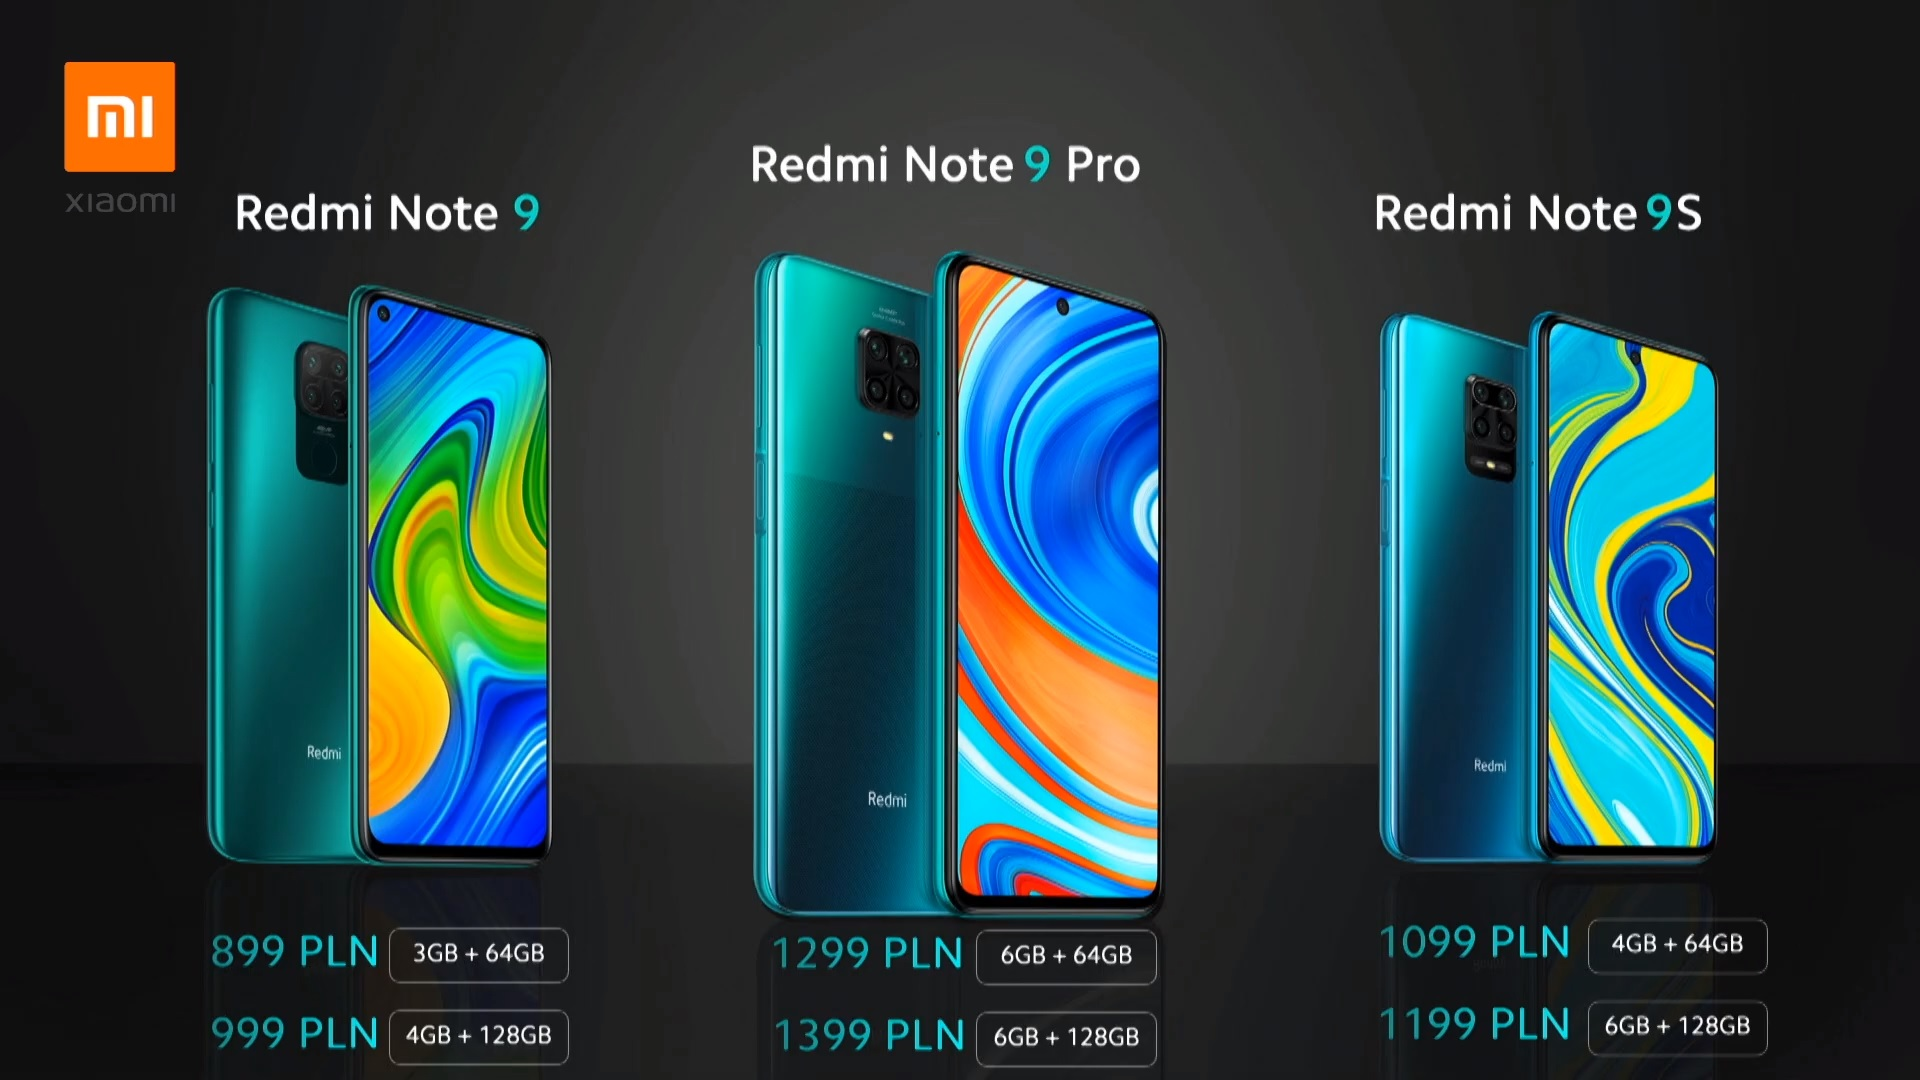 Kup Redmi Note 9 (Pro) w przedsprzedaży - możesz dostać fajny gratis